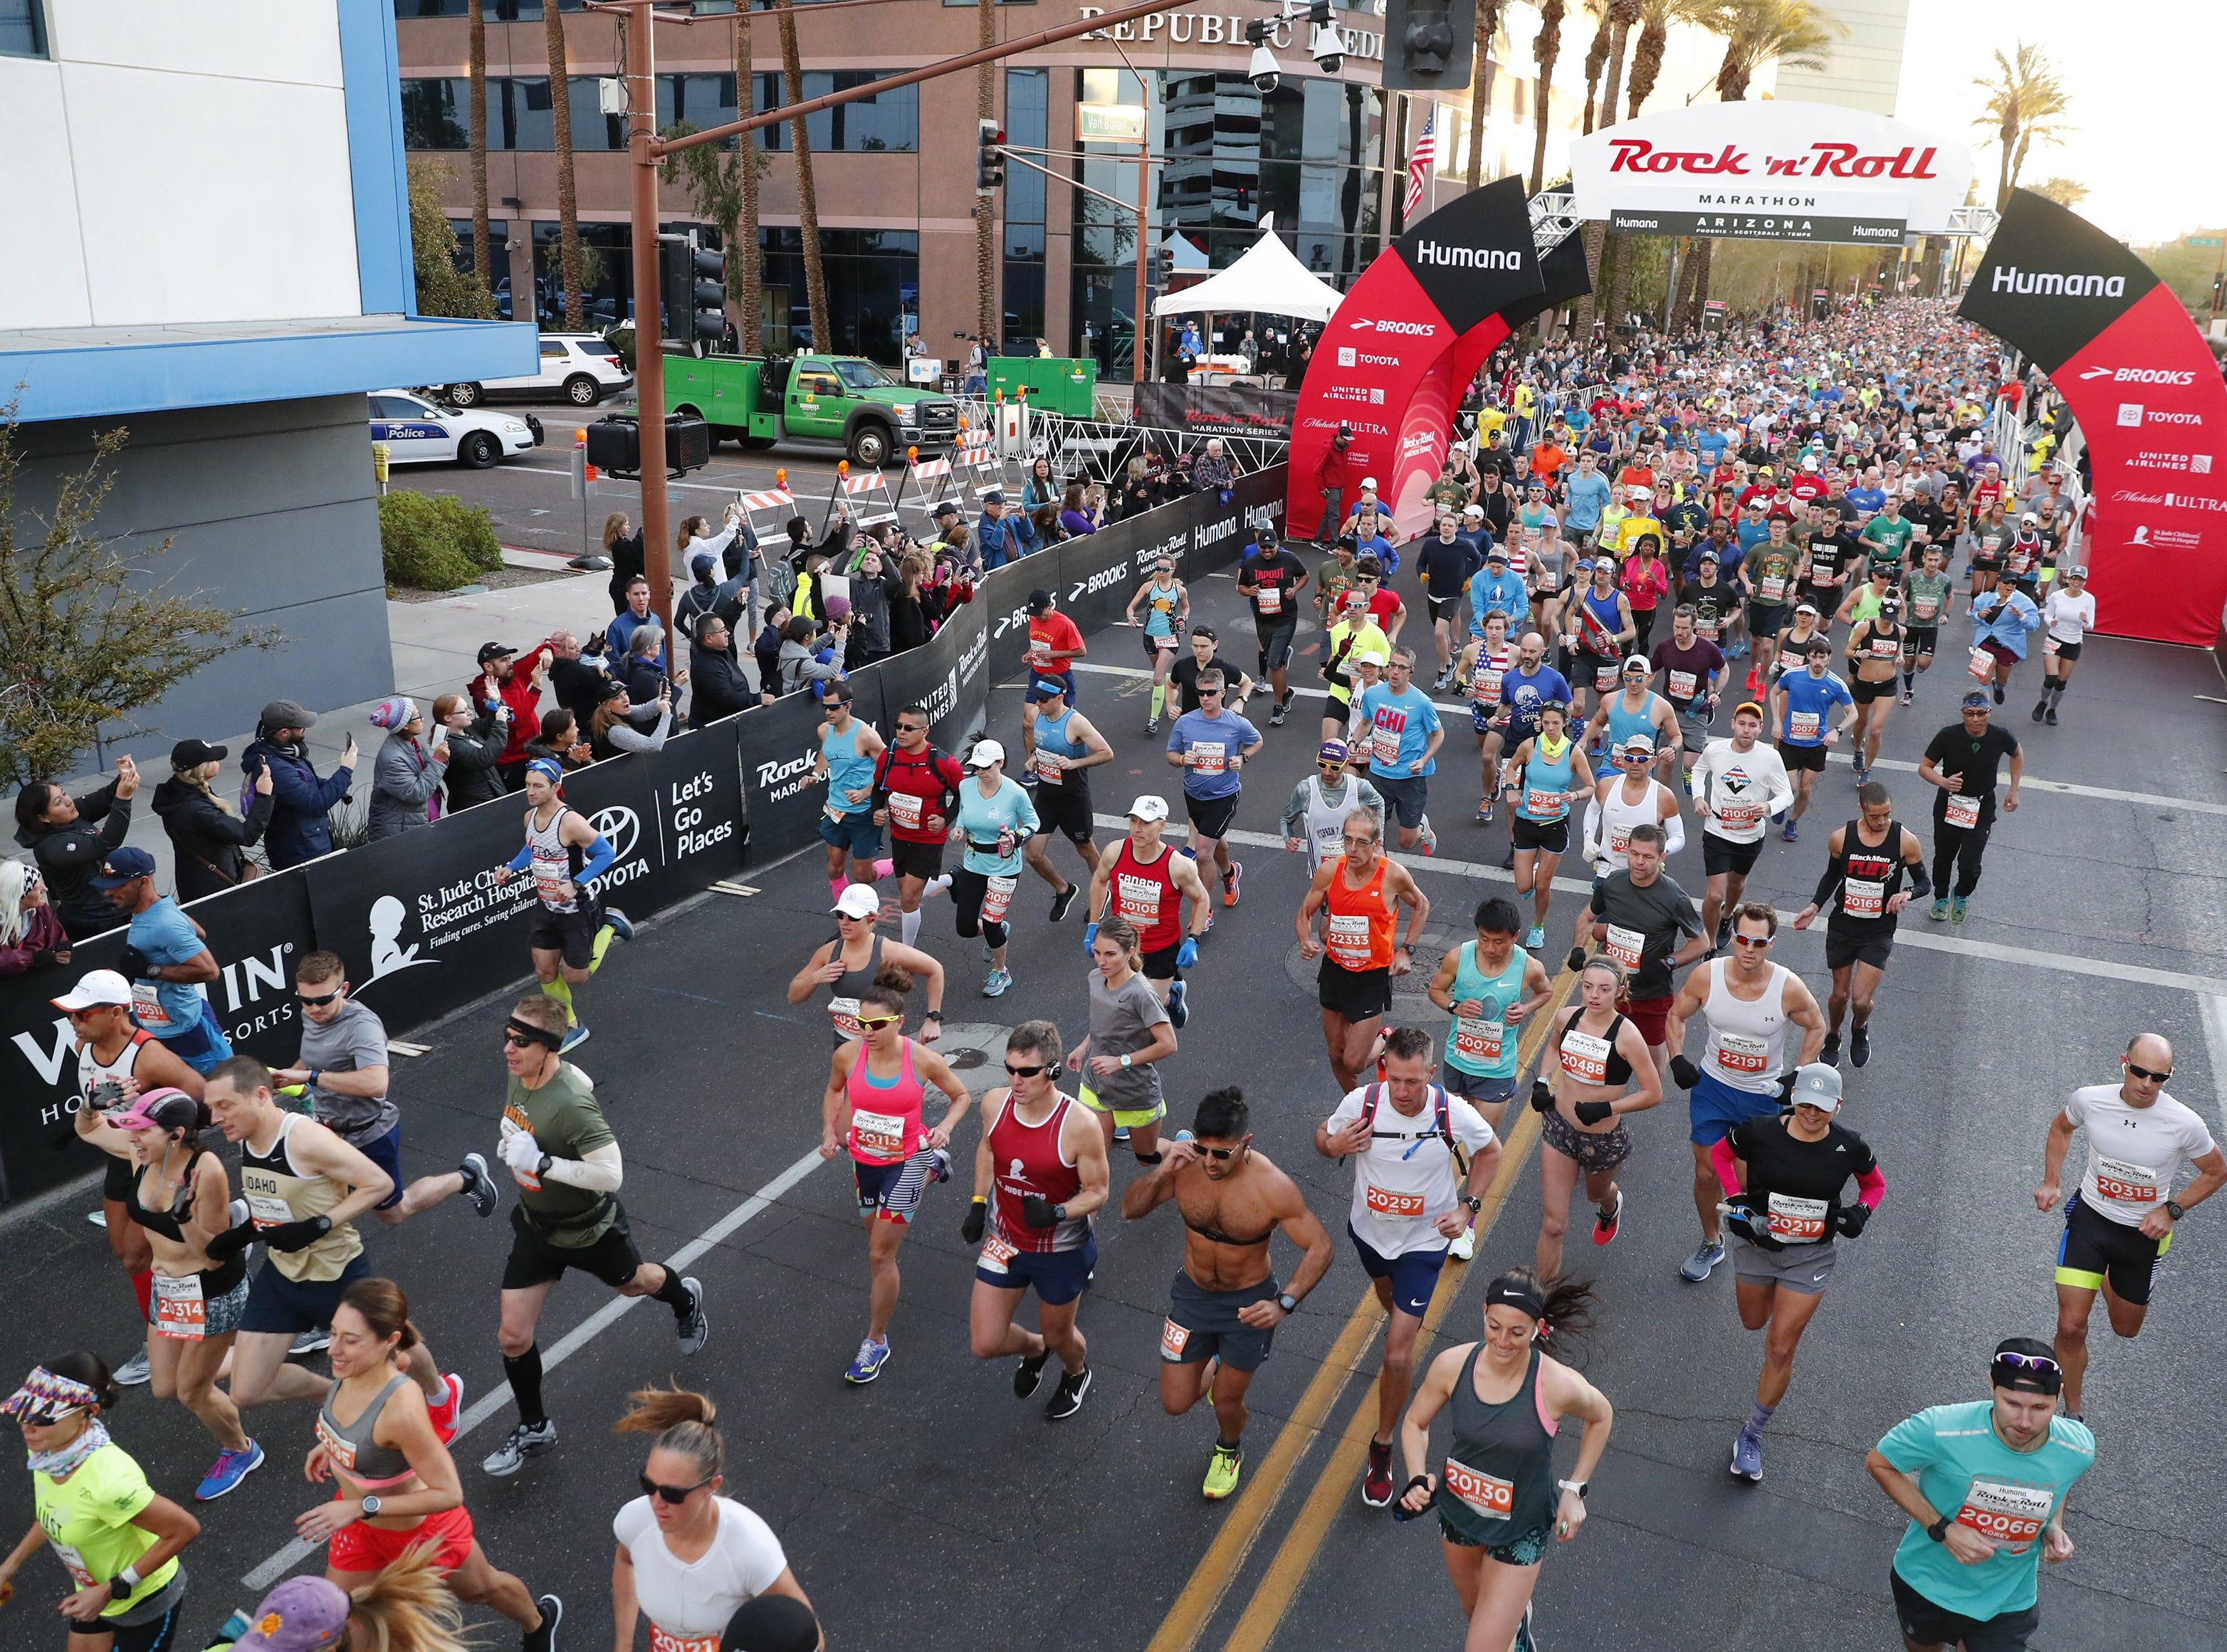 Runners start the Rock 'n' Roll Marathon in Phoenix, Jan. 20, 2019.